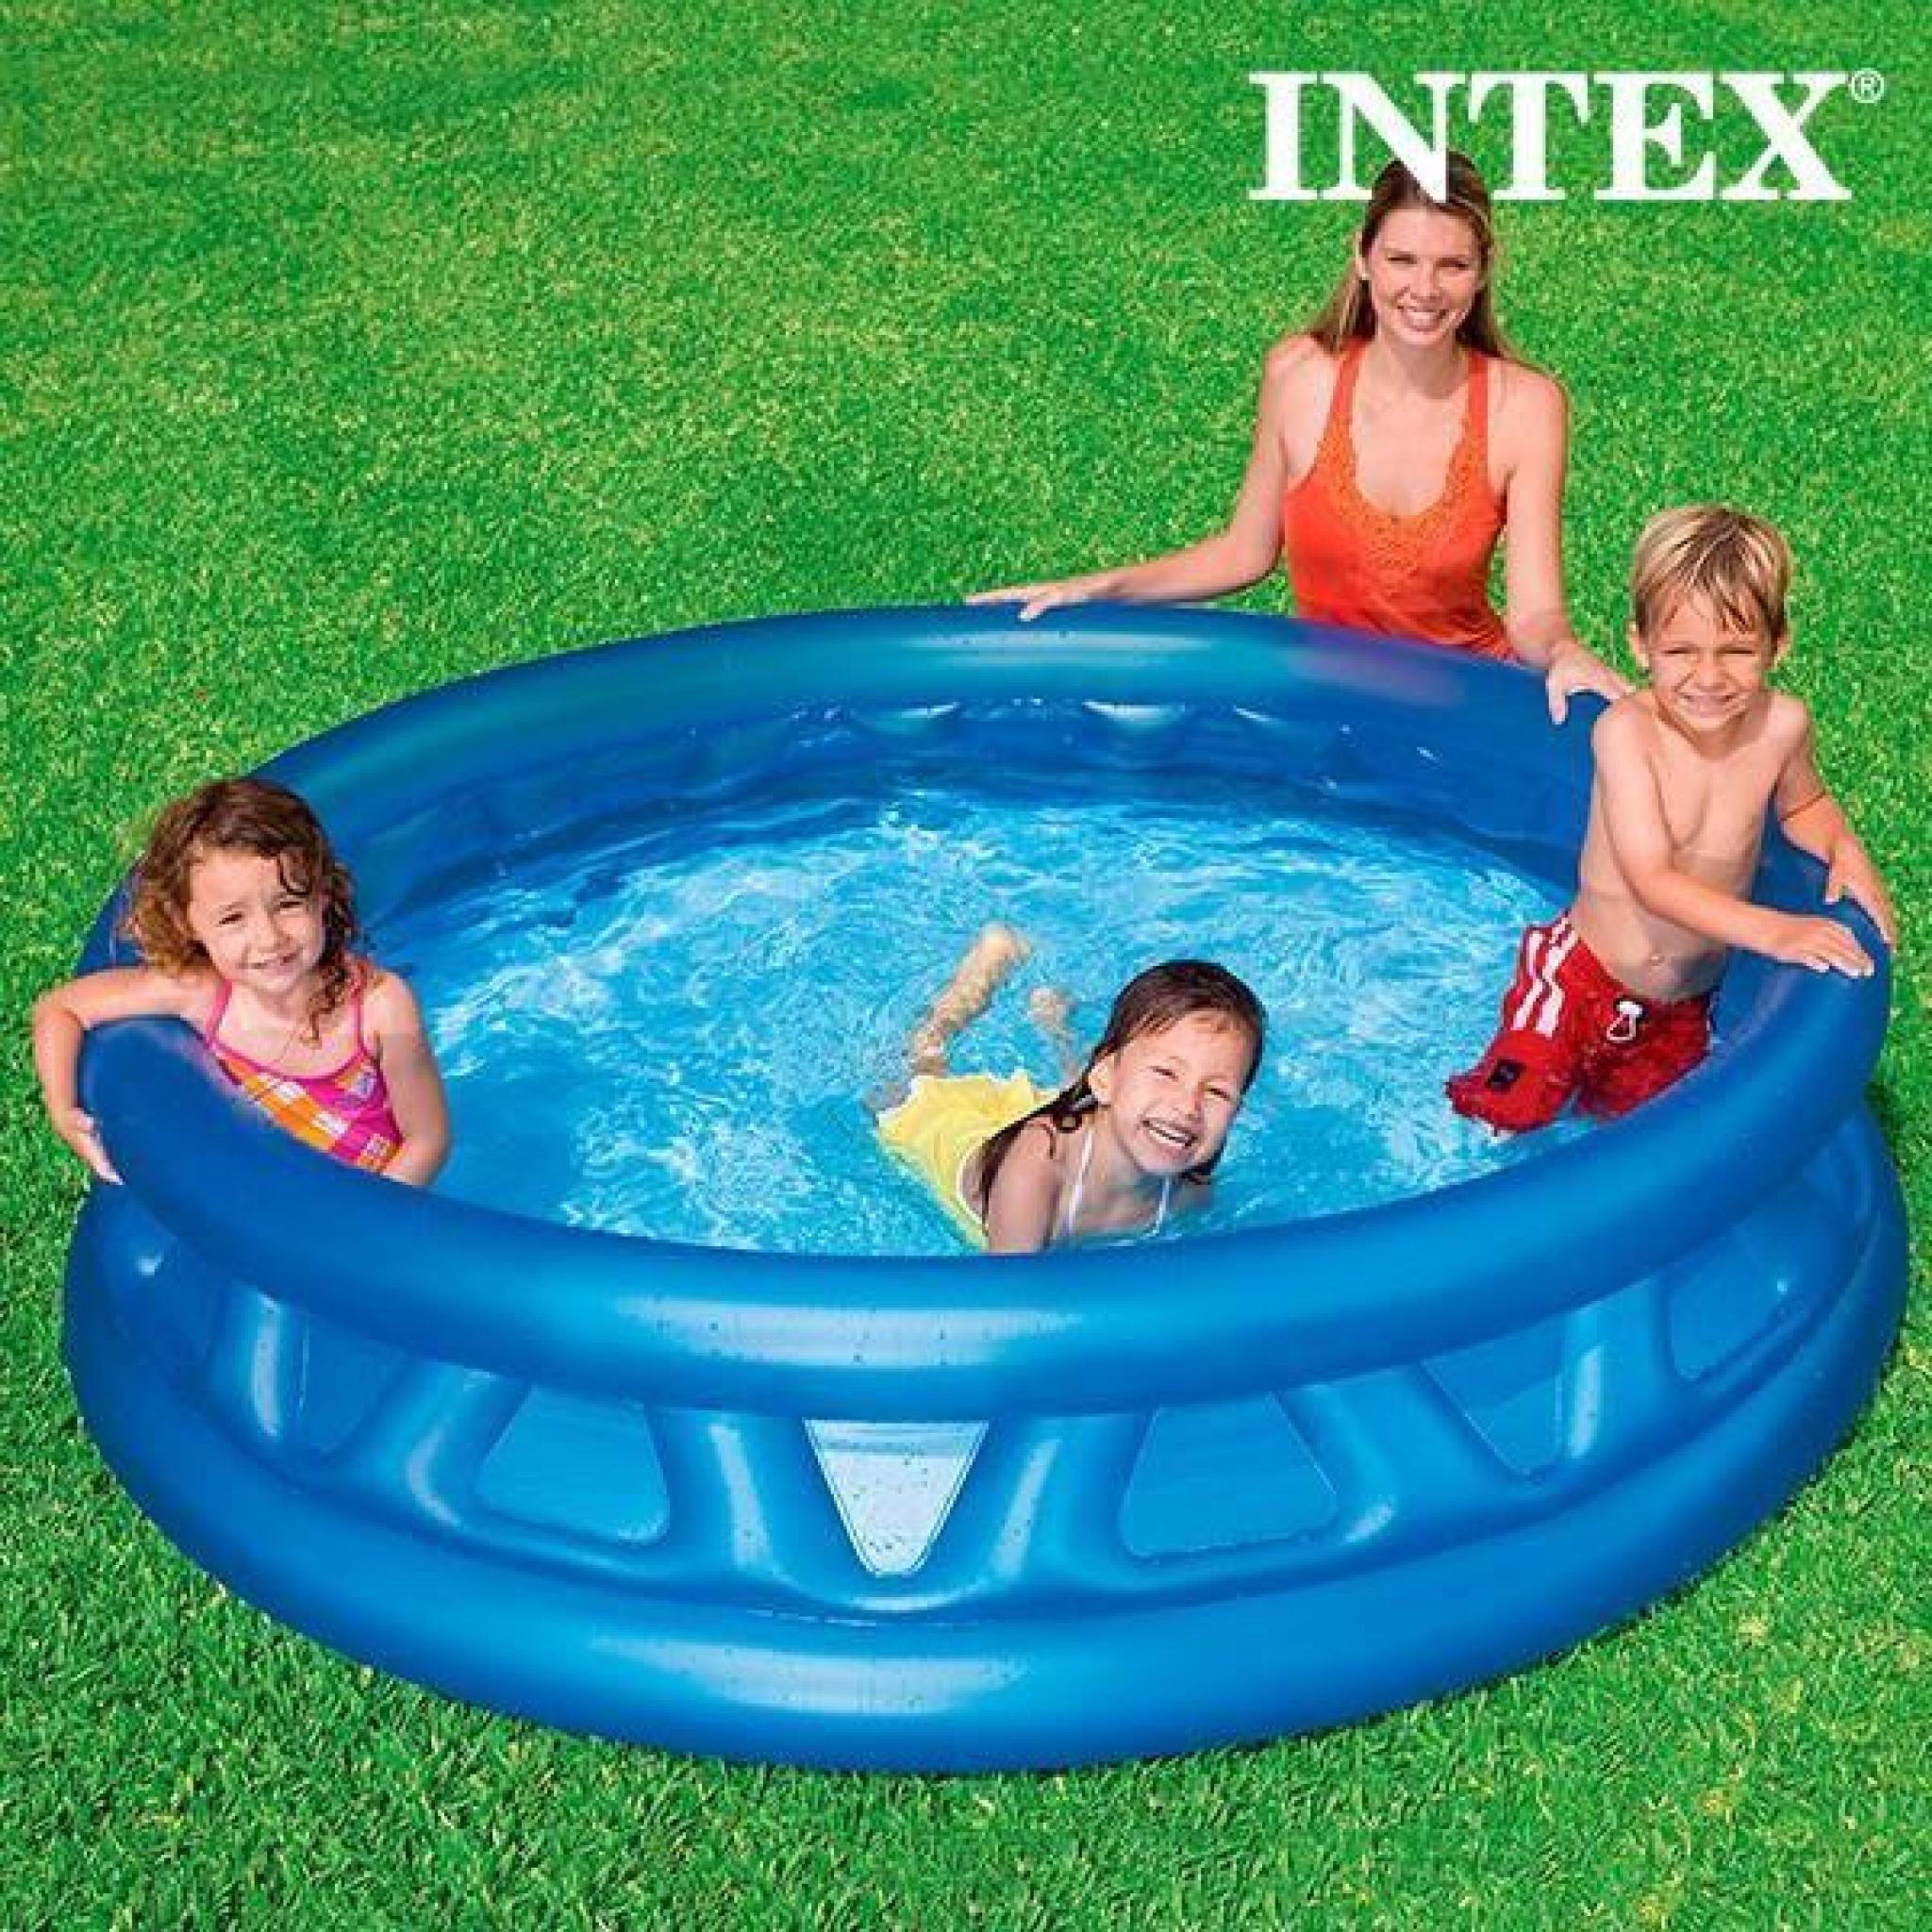 Piscine Gonflable Pour Enfants Intex (Ø 188 Cm) - Achat ... pour Piscine Enfant Pas Cher